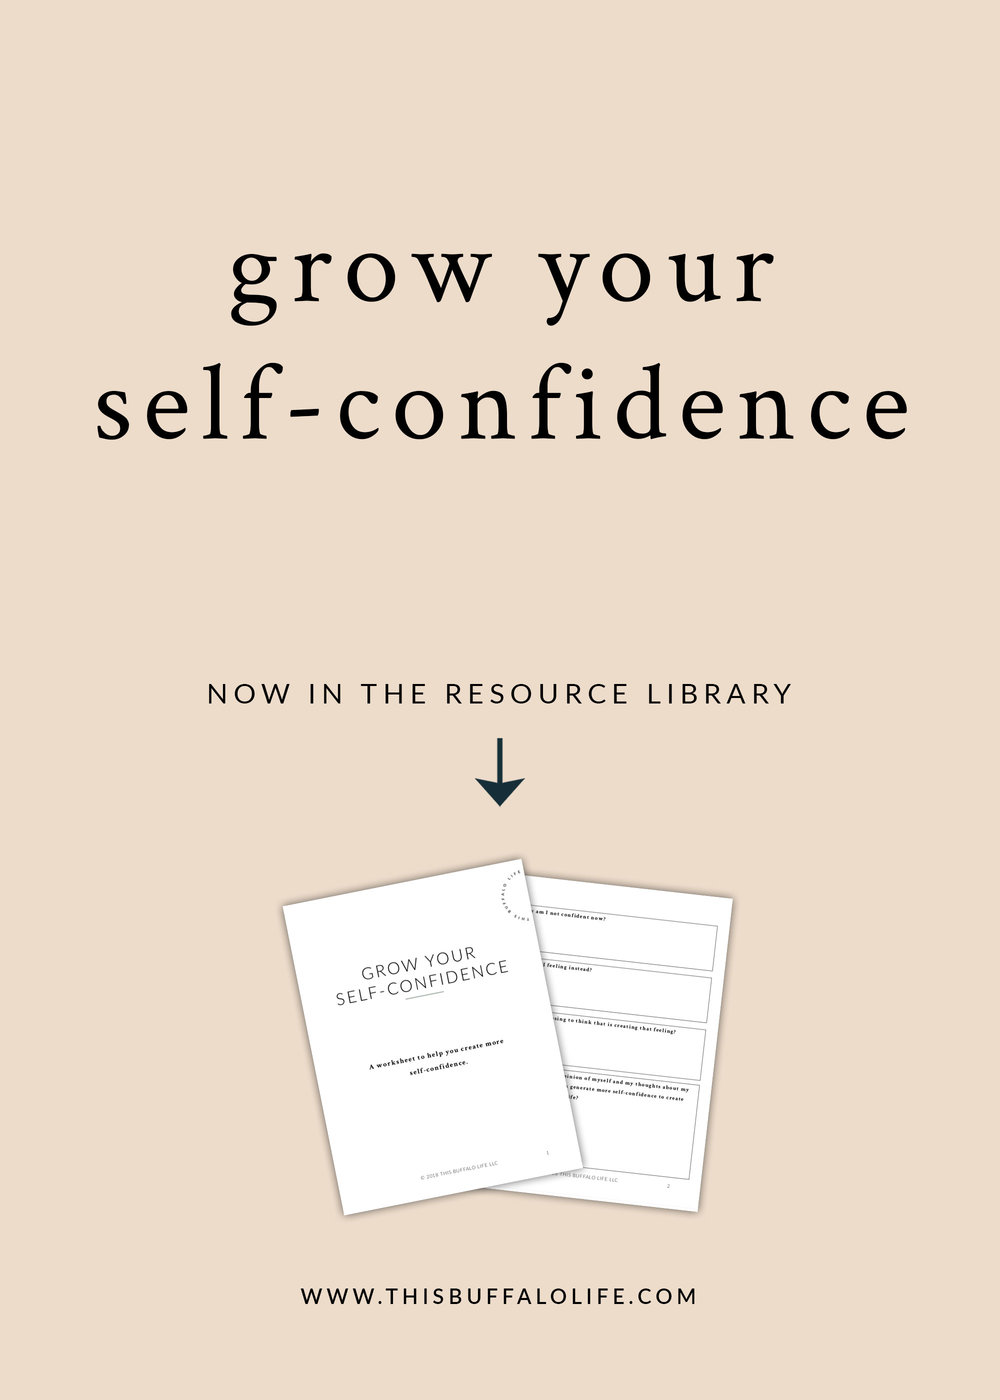 grow-self-confidence2.jpg